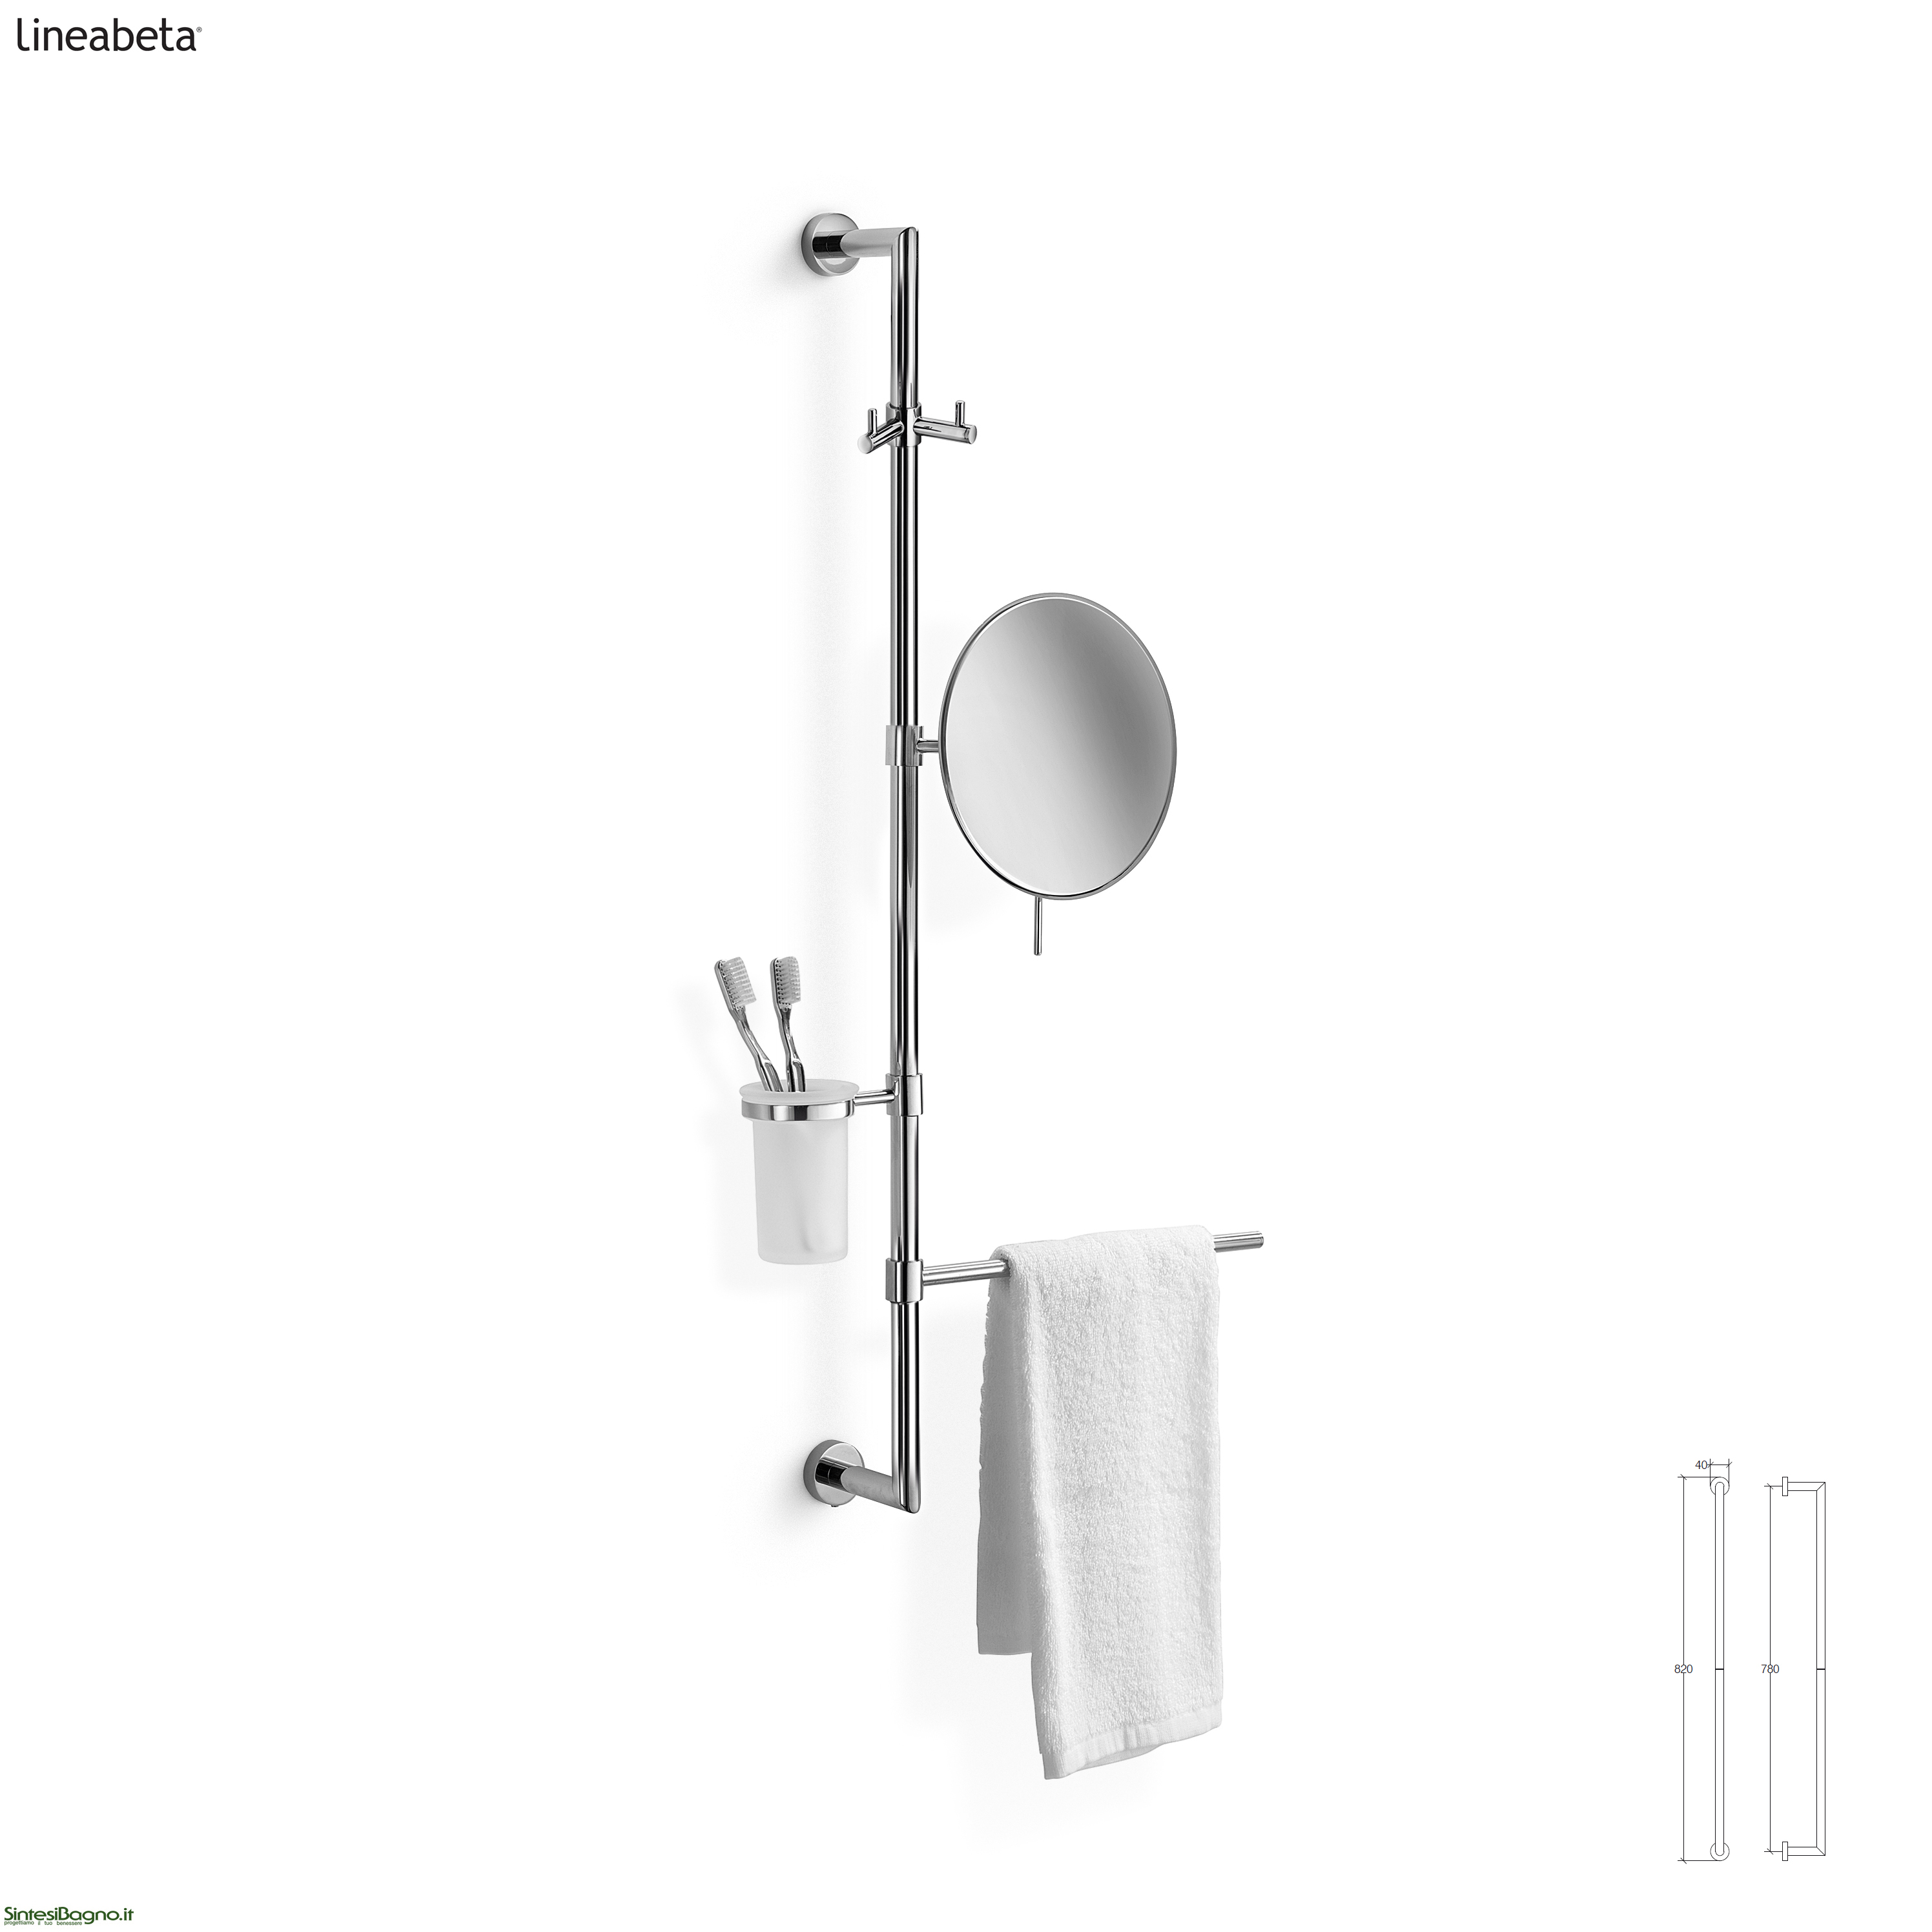 Barre attrezzabili per accessori arredobagno baketo - Accessori bagno padova ...